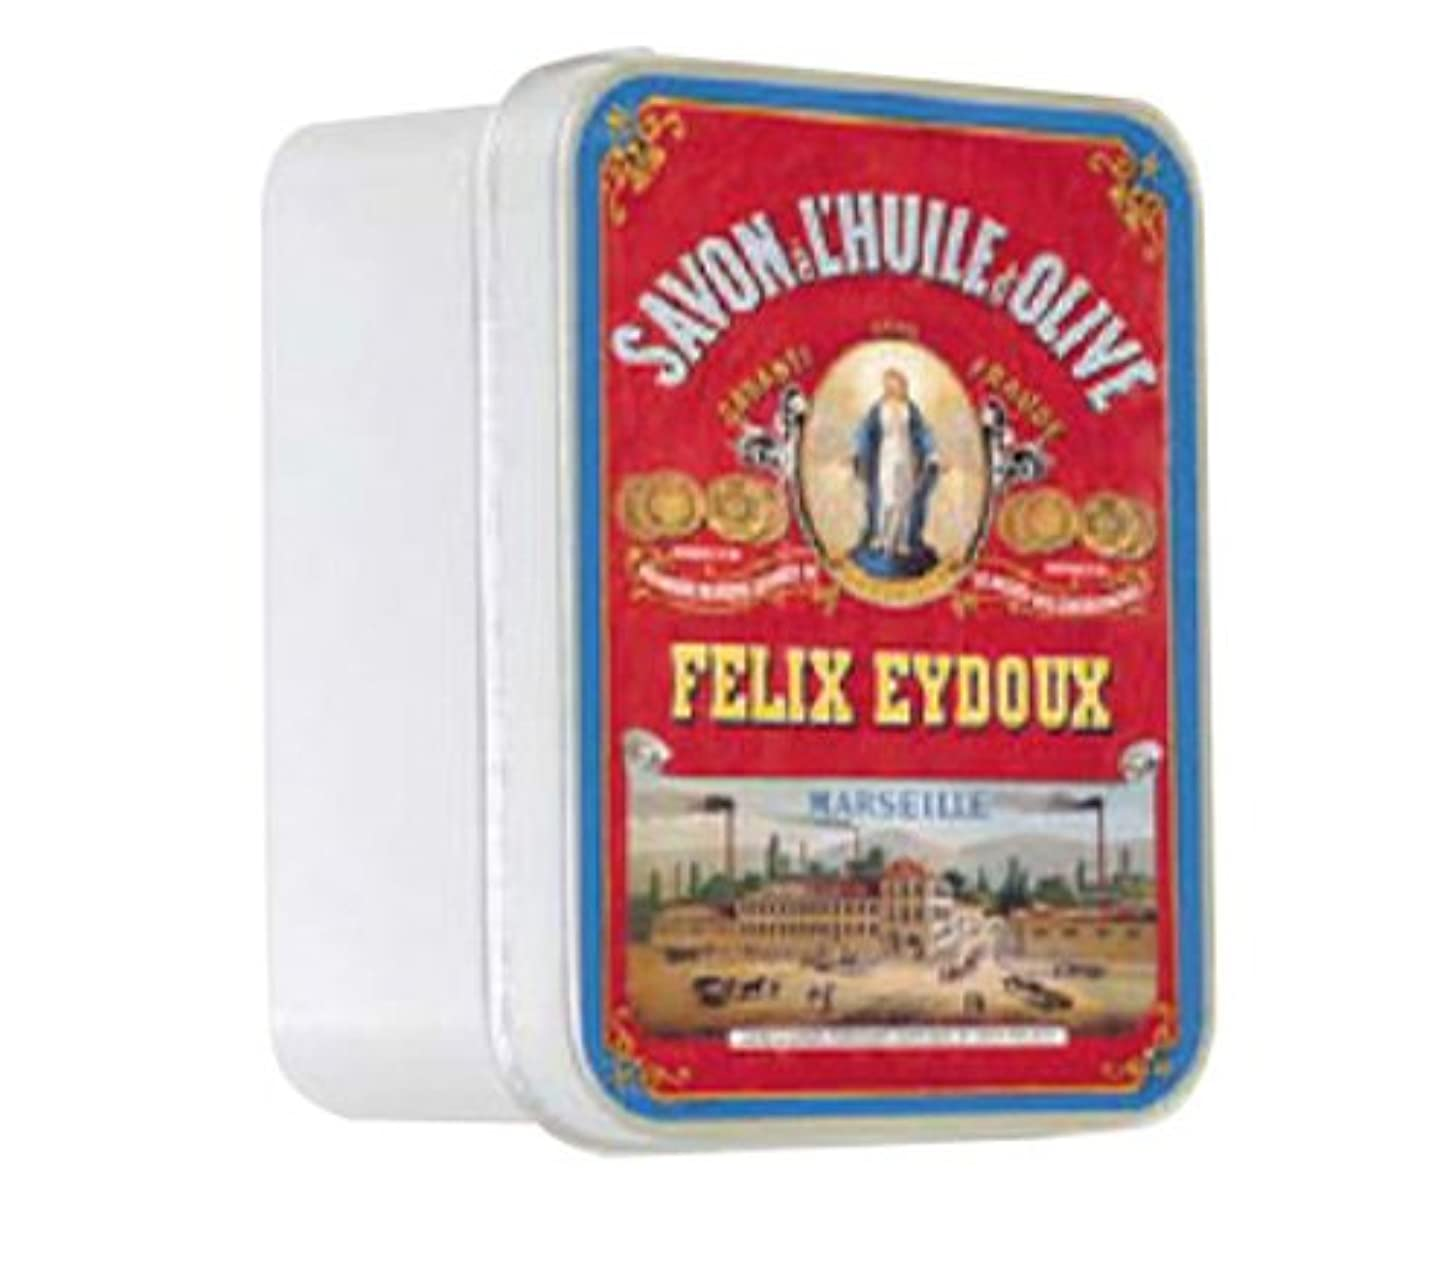 ライバルドナー震えルブランソープ メタルボックス(マルセイユソープ?オリーブの香り)石鹸